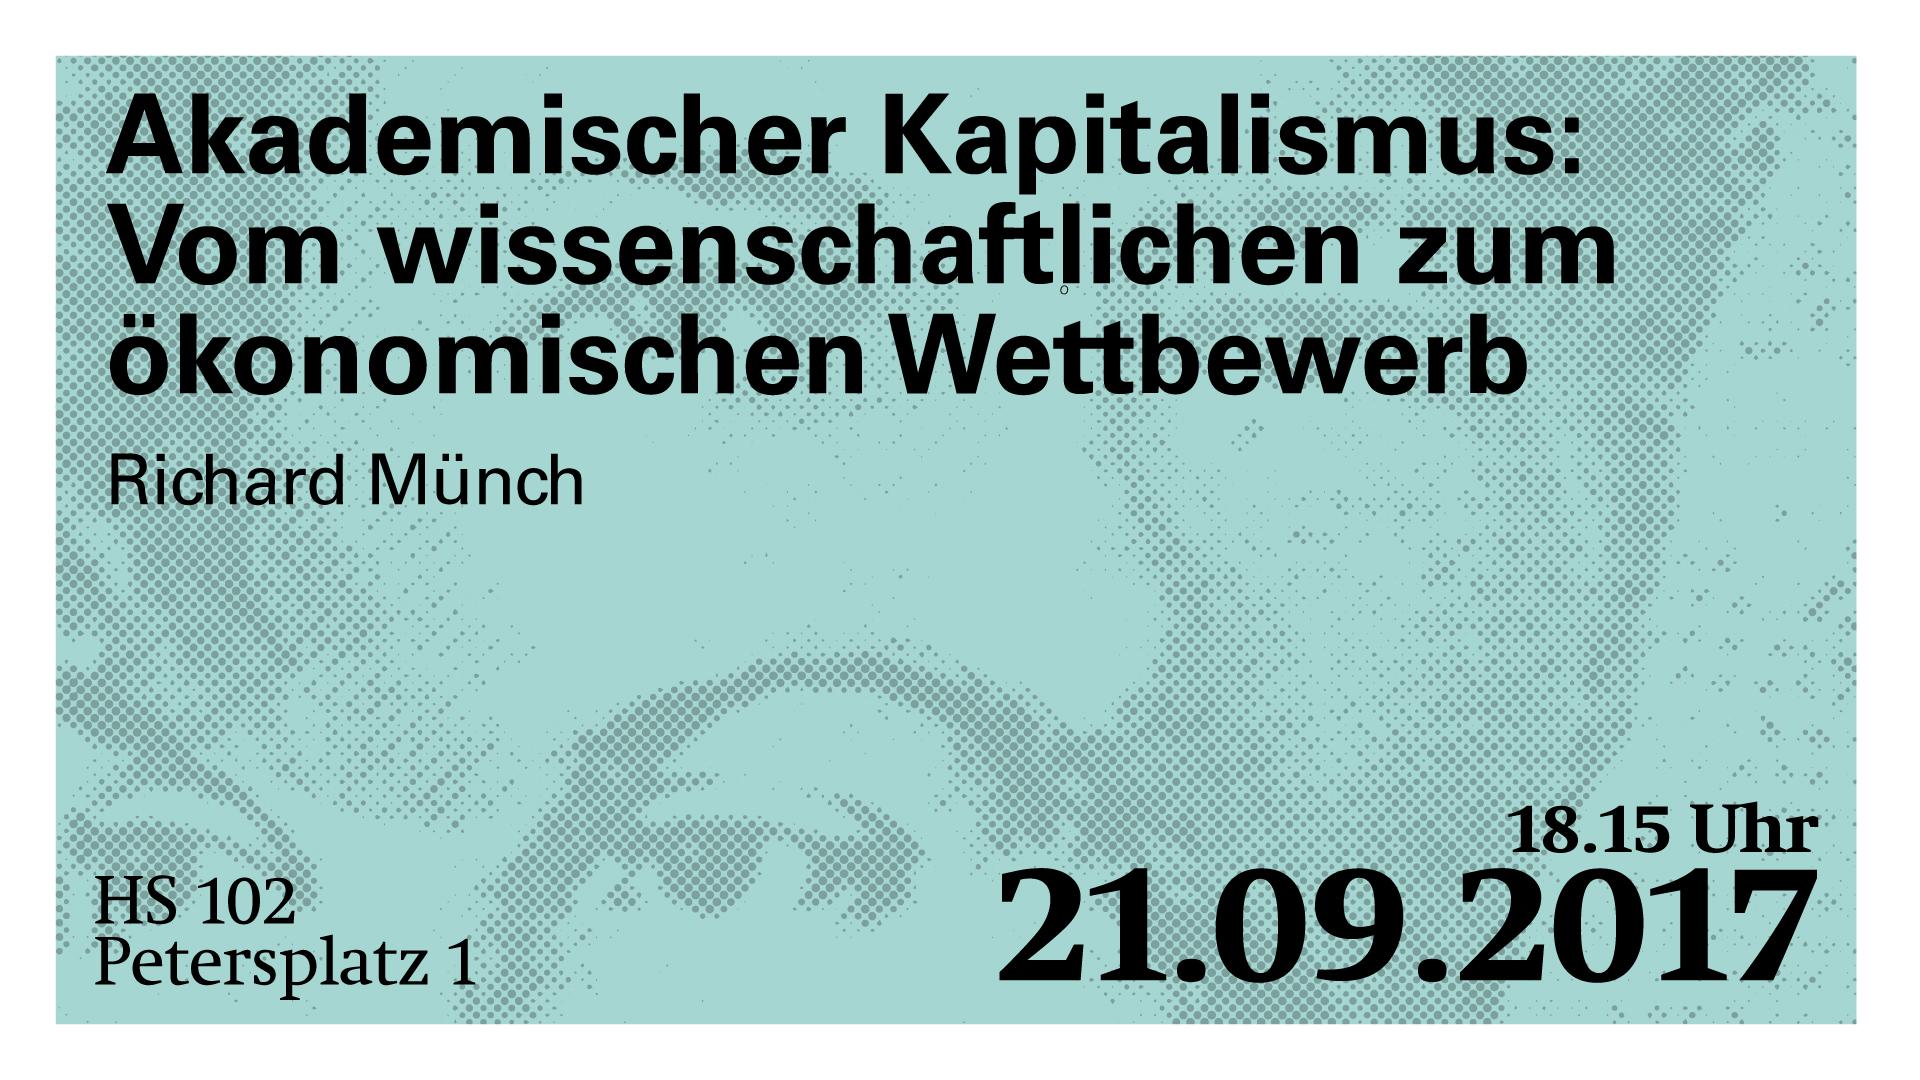 Richard Münch: Akademischer Kapitalismus: Vom wissenschaftlichen zum ökonomischen Wettbewerb